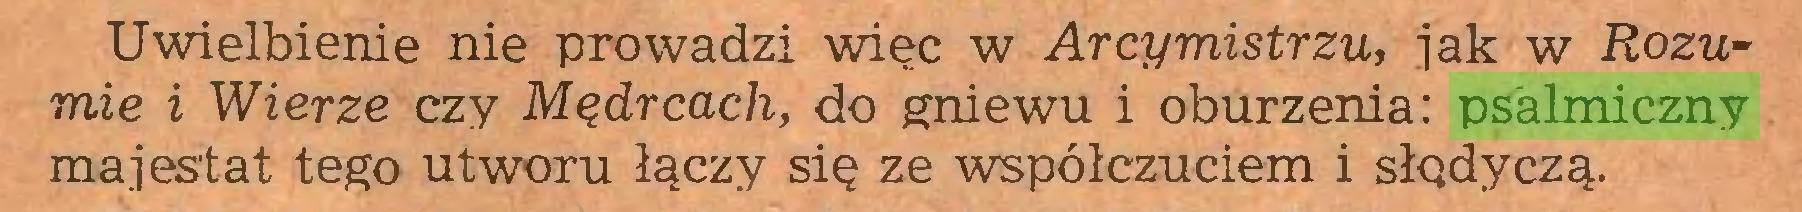 (...) Uwielbienie nie prowadzi więc w Arcymistrzu, jak w Rozumie i Wierze czy Mędrcach, do gniewu i oburzenia: psalmiczny majestat tego utworu łączy się ze współczuciem i słgdyczą...